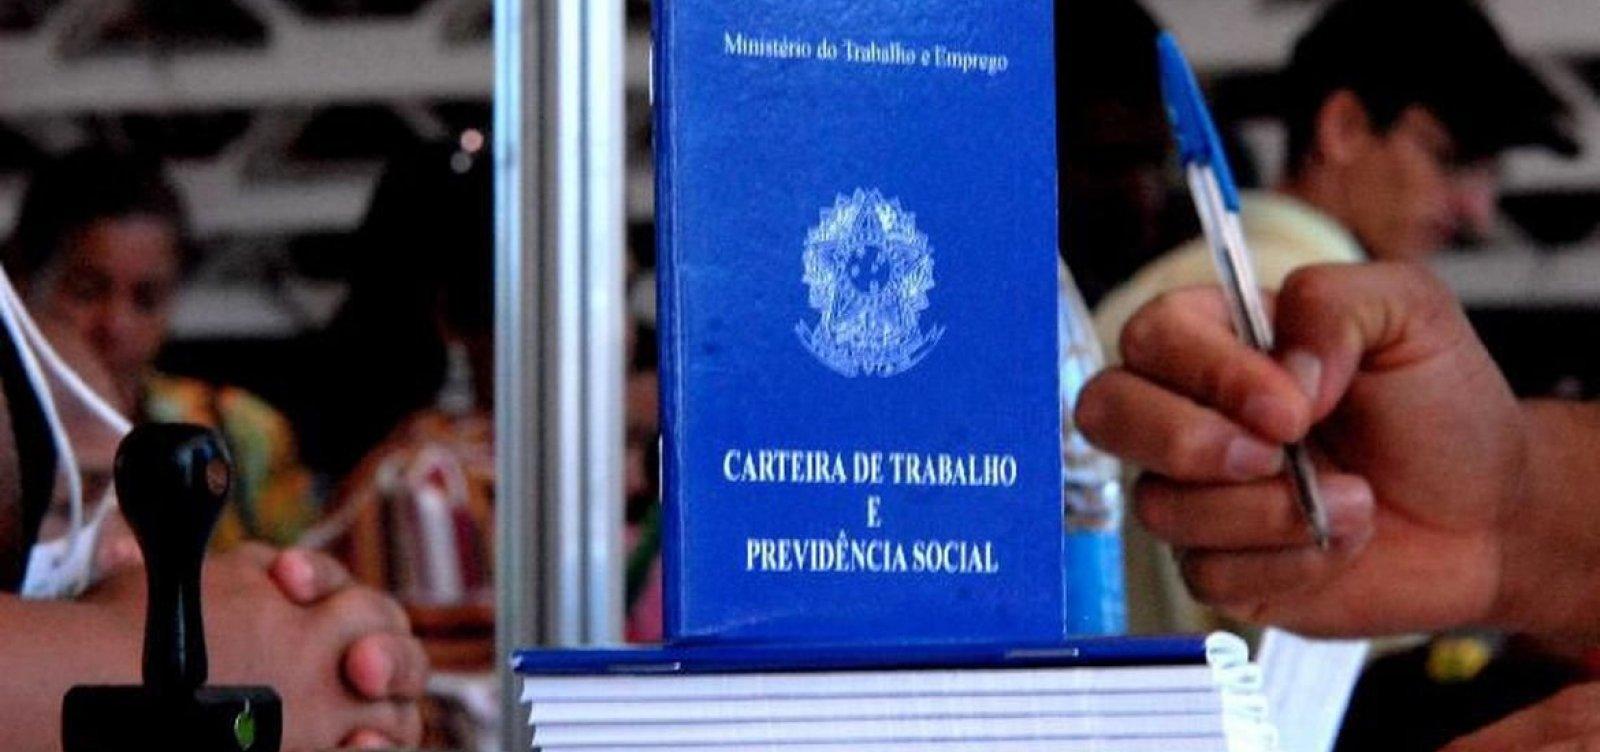 GOVERNO PRORROGA DECRETO QUE AUTORIZA REDUÇÃO DE SALÁRIOS E JORNADA DE TRABALHO